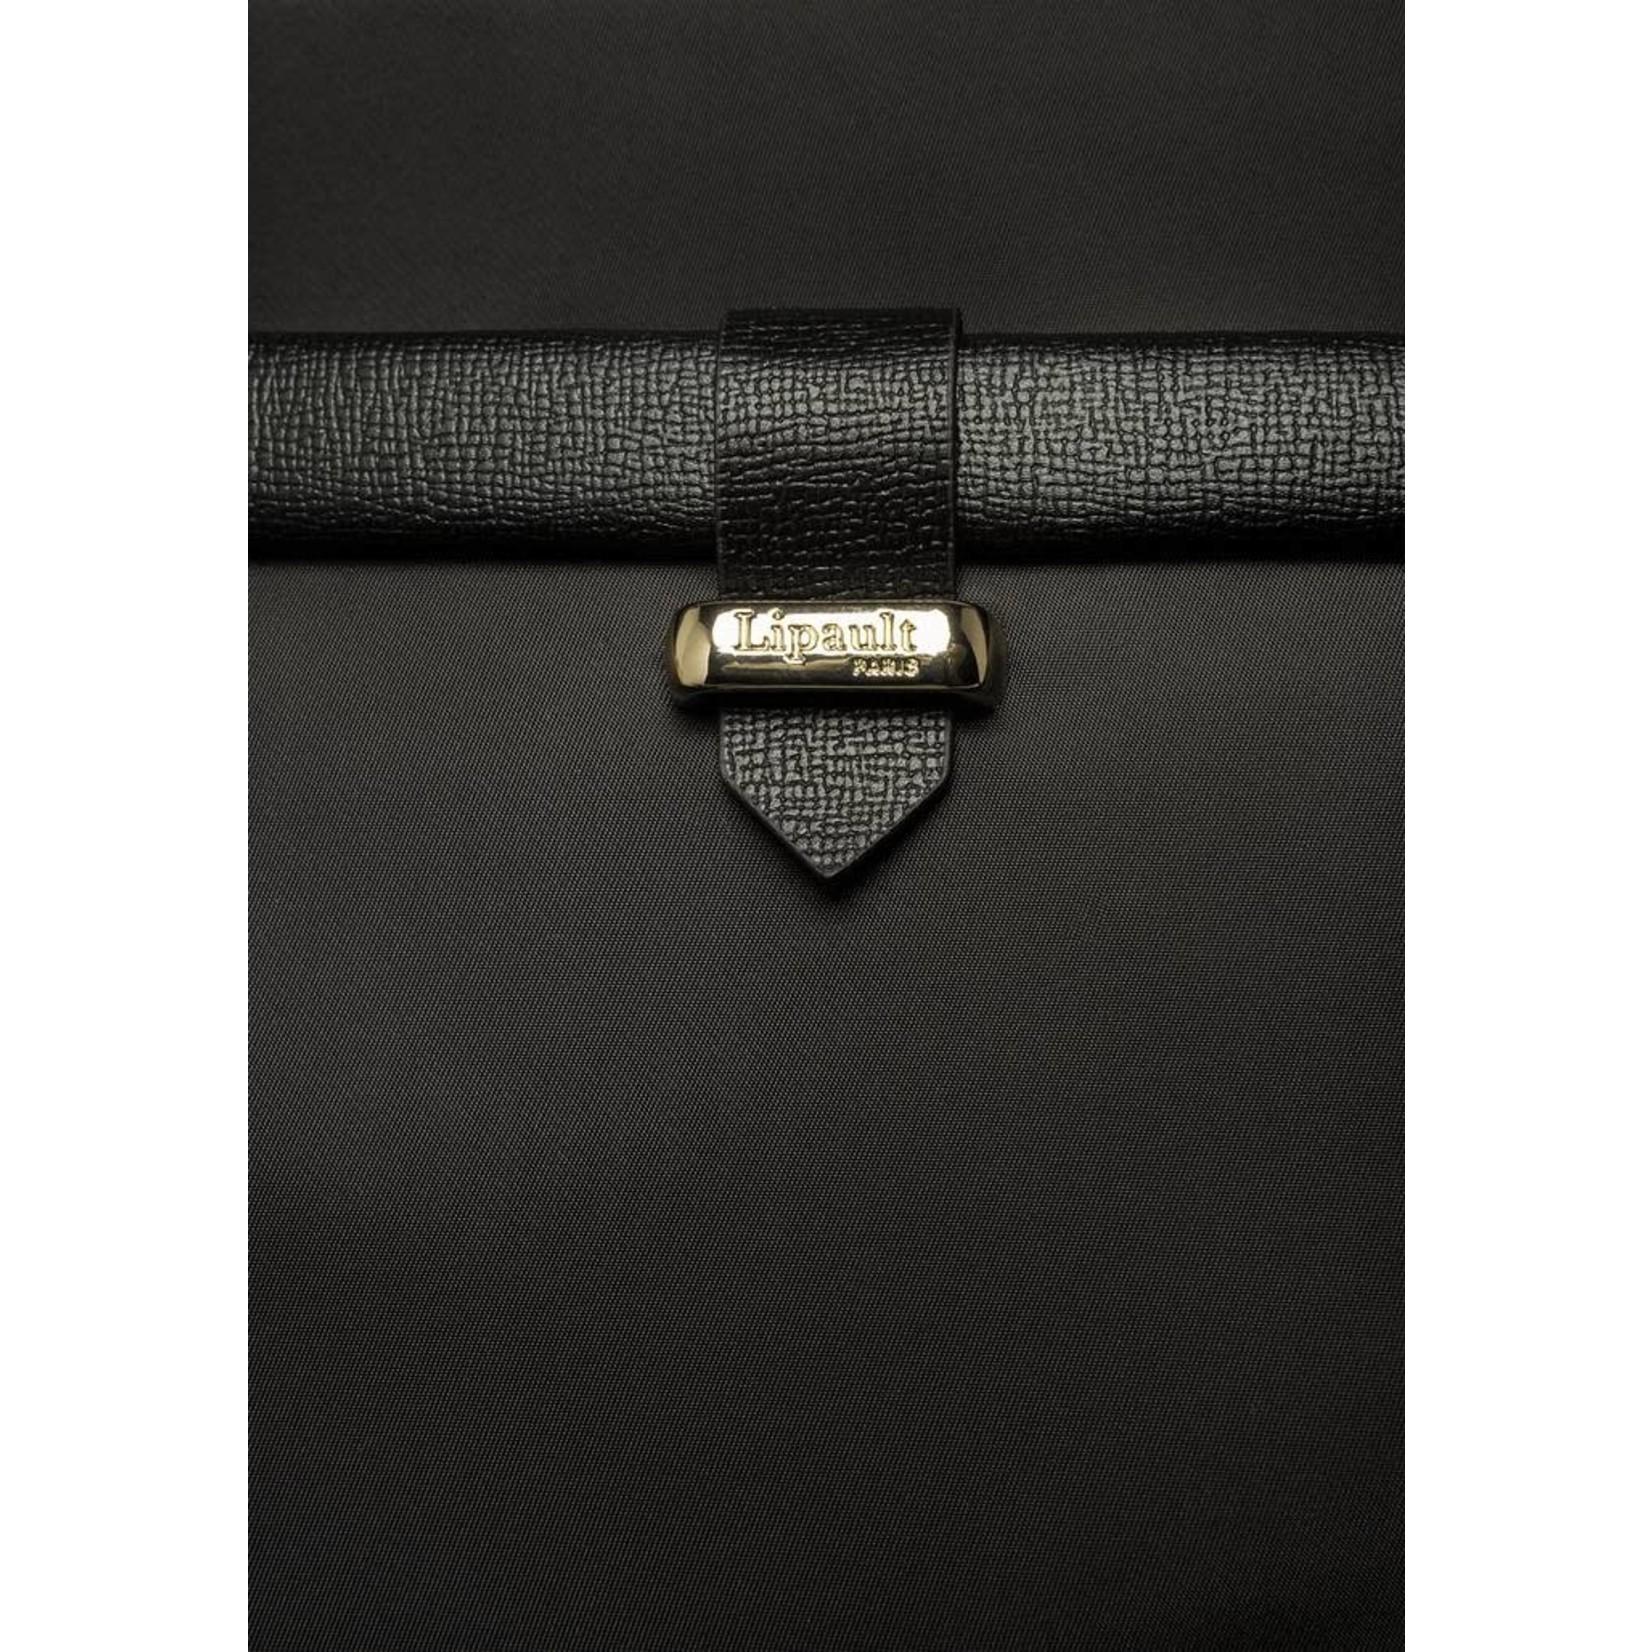 Lipault Plume Aven Black Gold 72/26